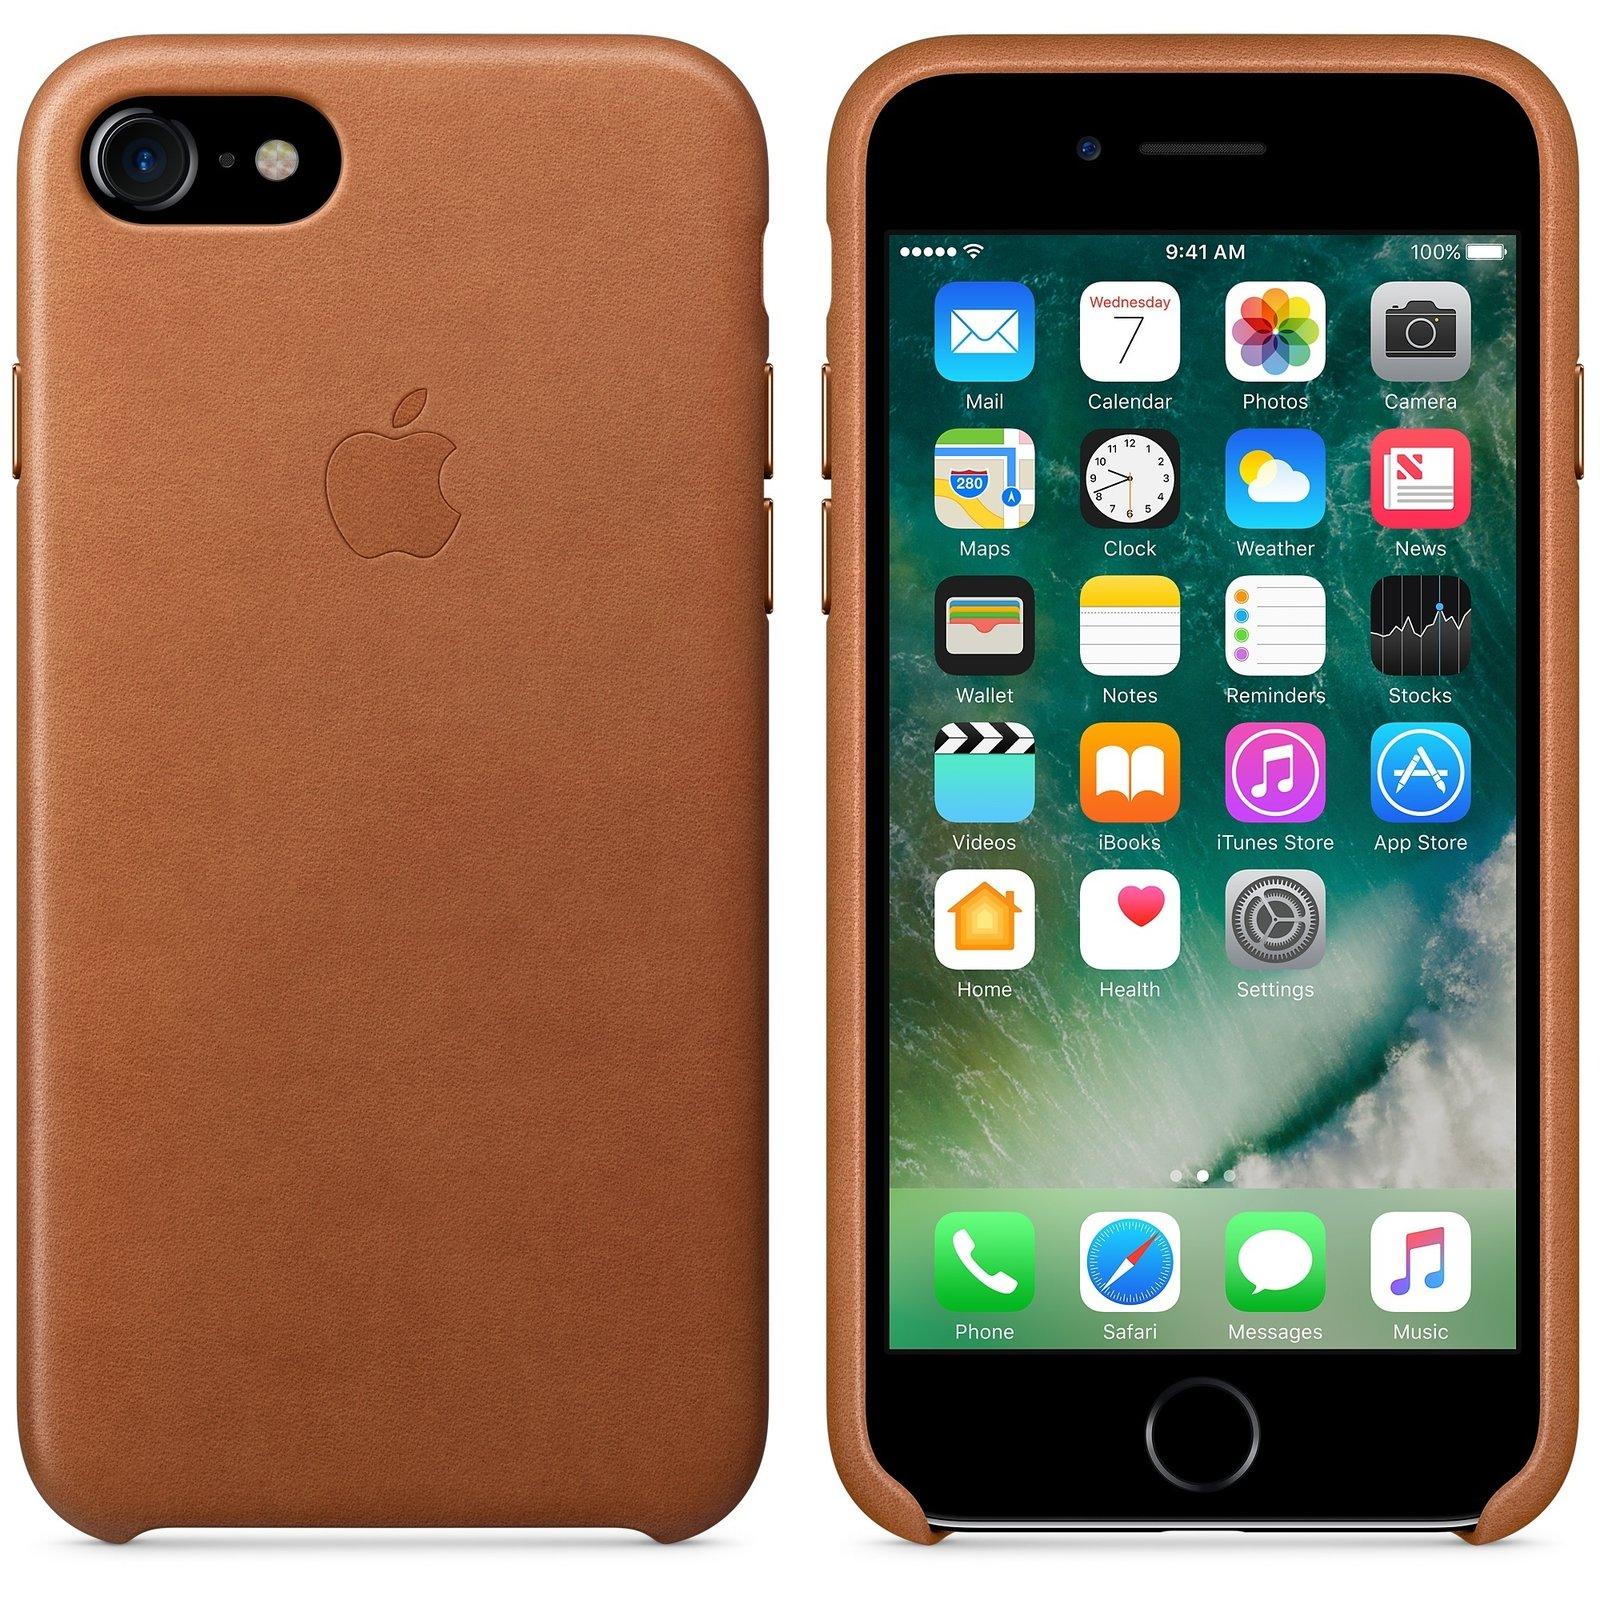 Photo 2 of 2 in iPhone vs Pixel